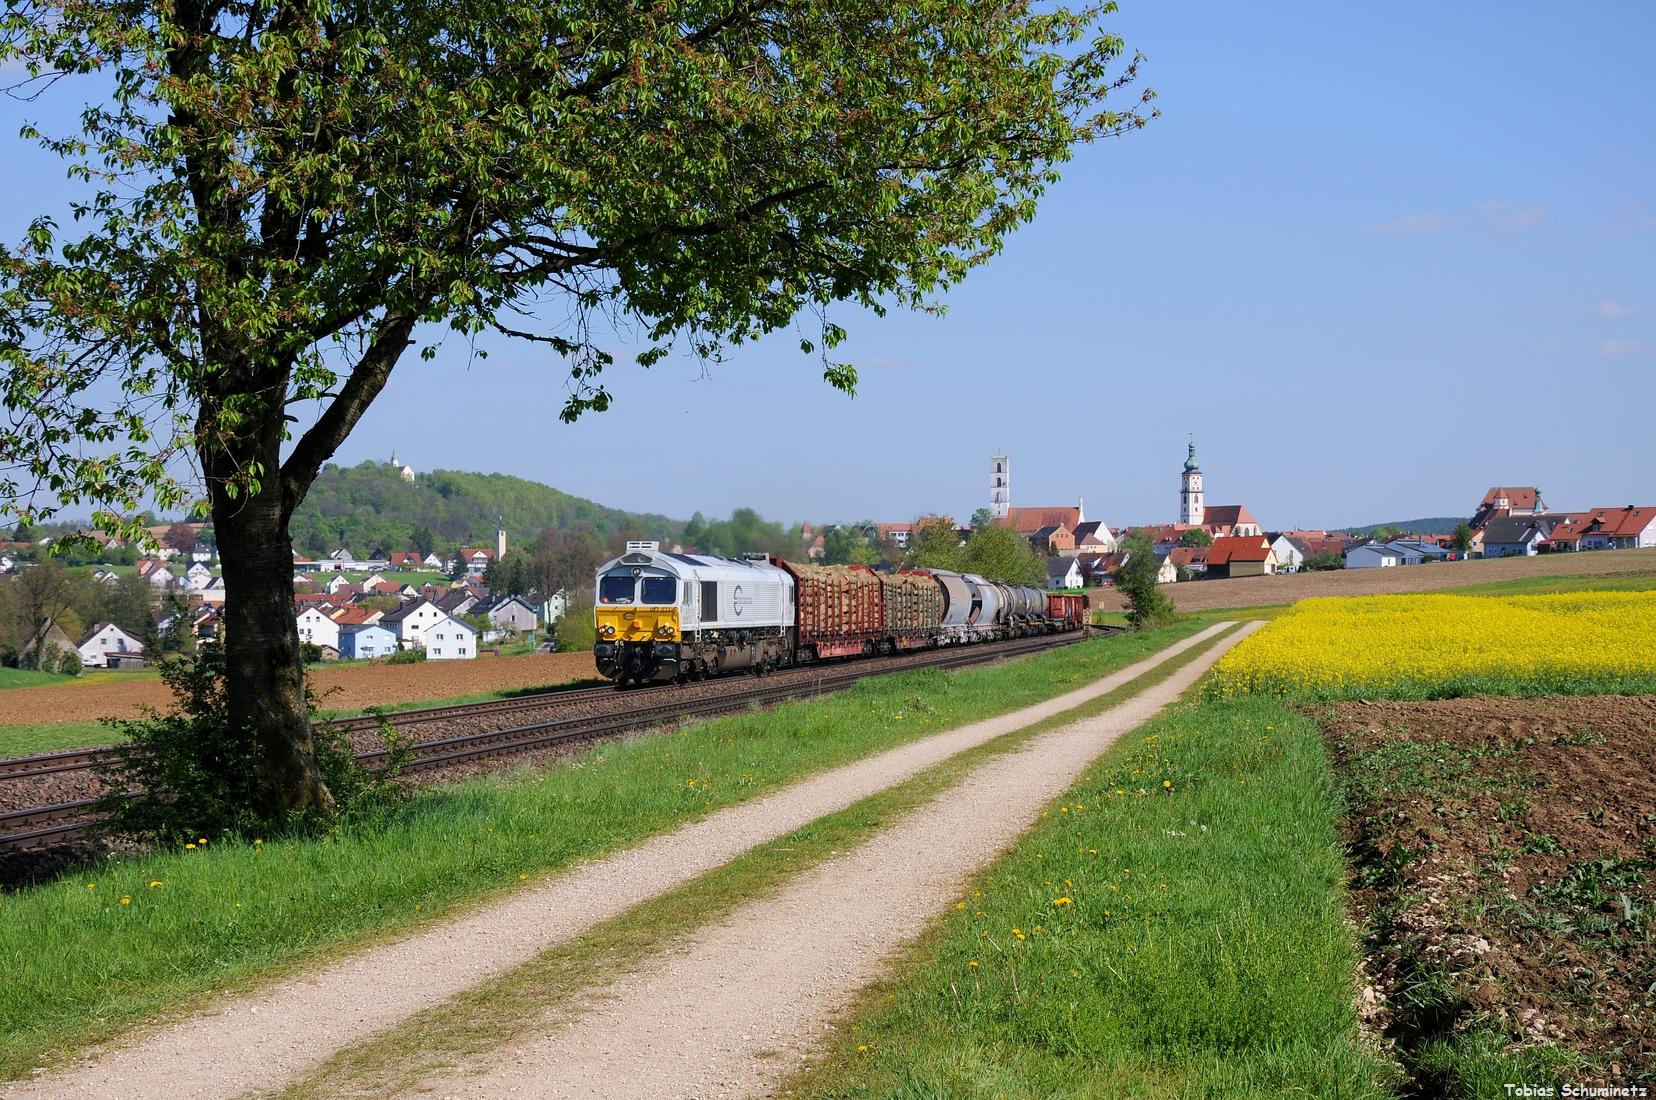 Am 10.05.2017 wurde der EK56014 von Schwandorf nach Nürnberg mit einer der neuen Class66 Loks bespannt. Hier war es 077 032 bei Sulzbach-Rosenberg.